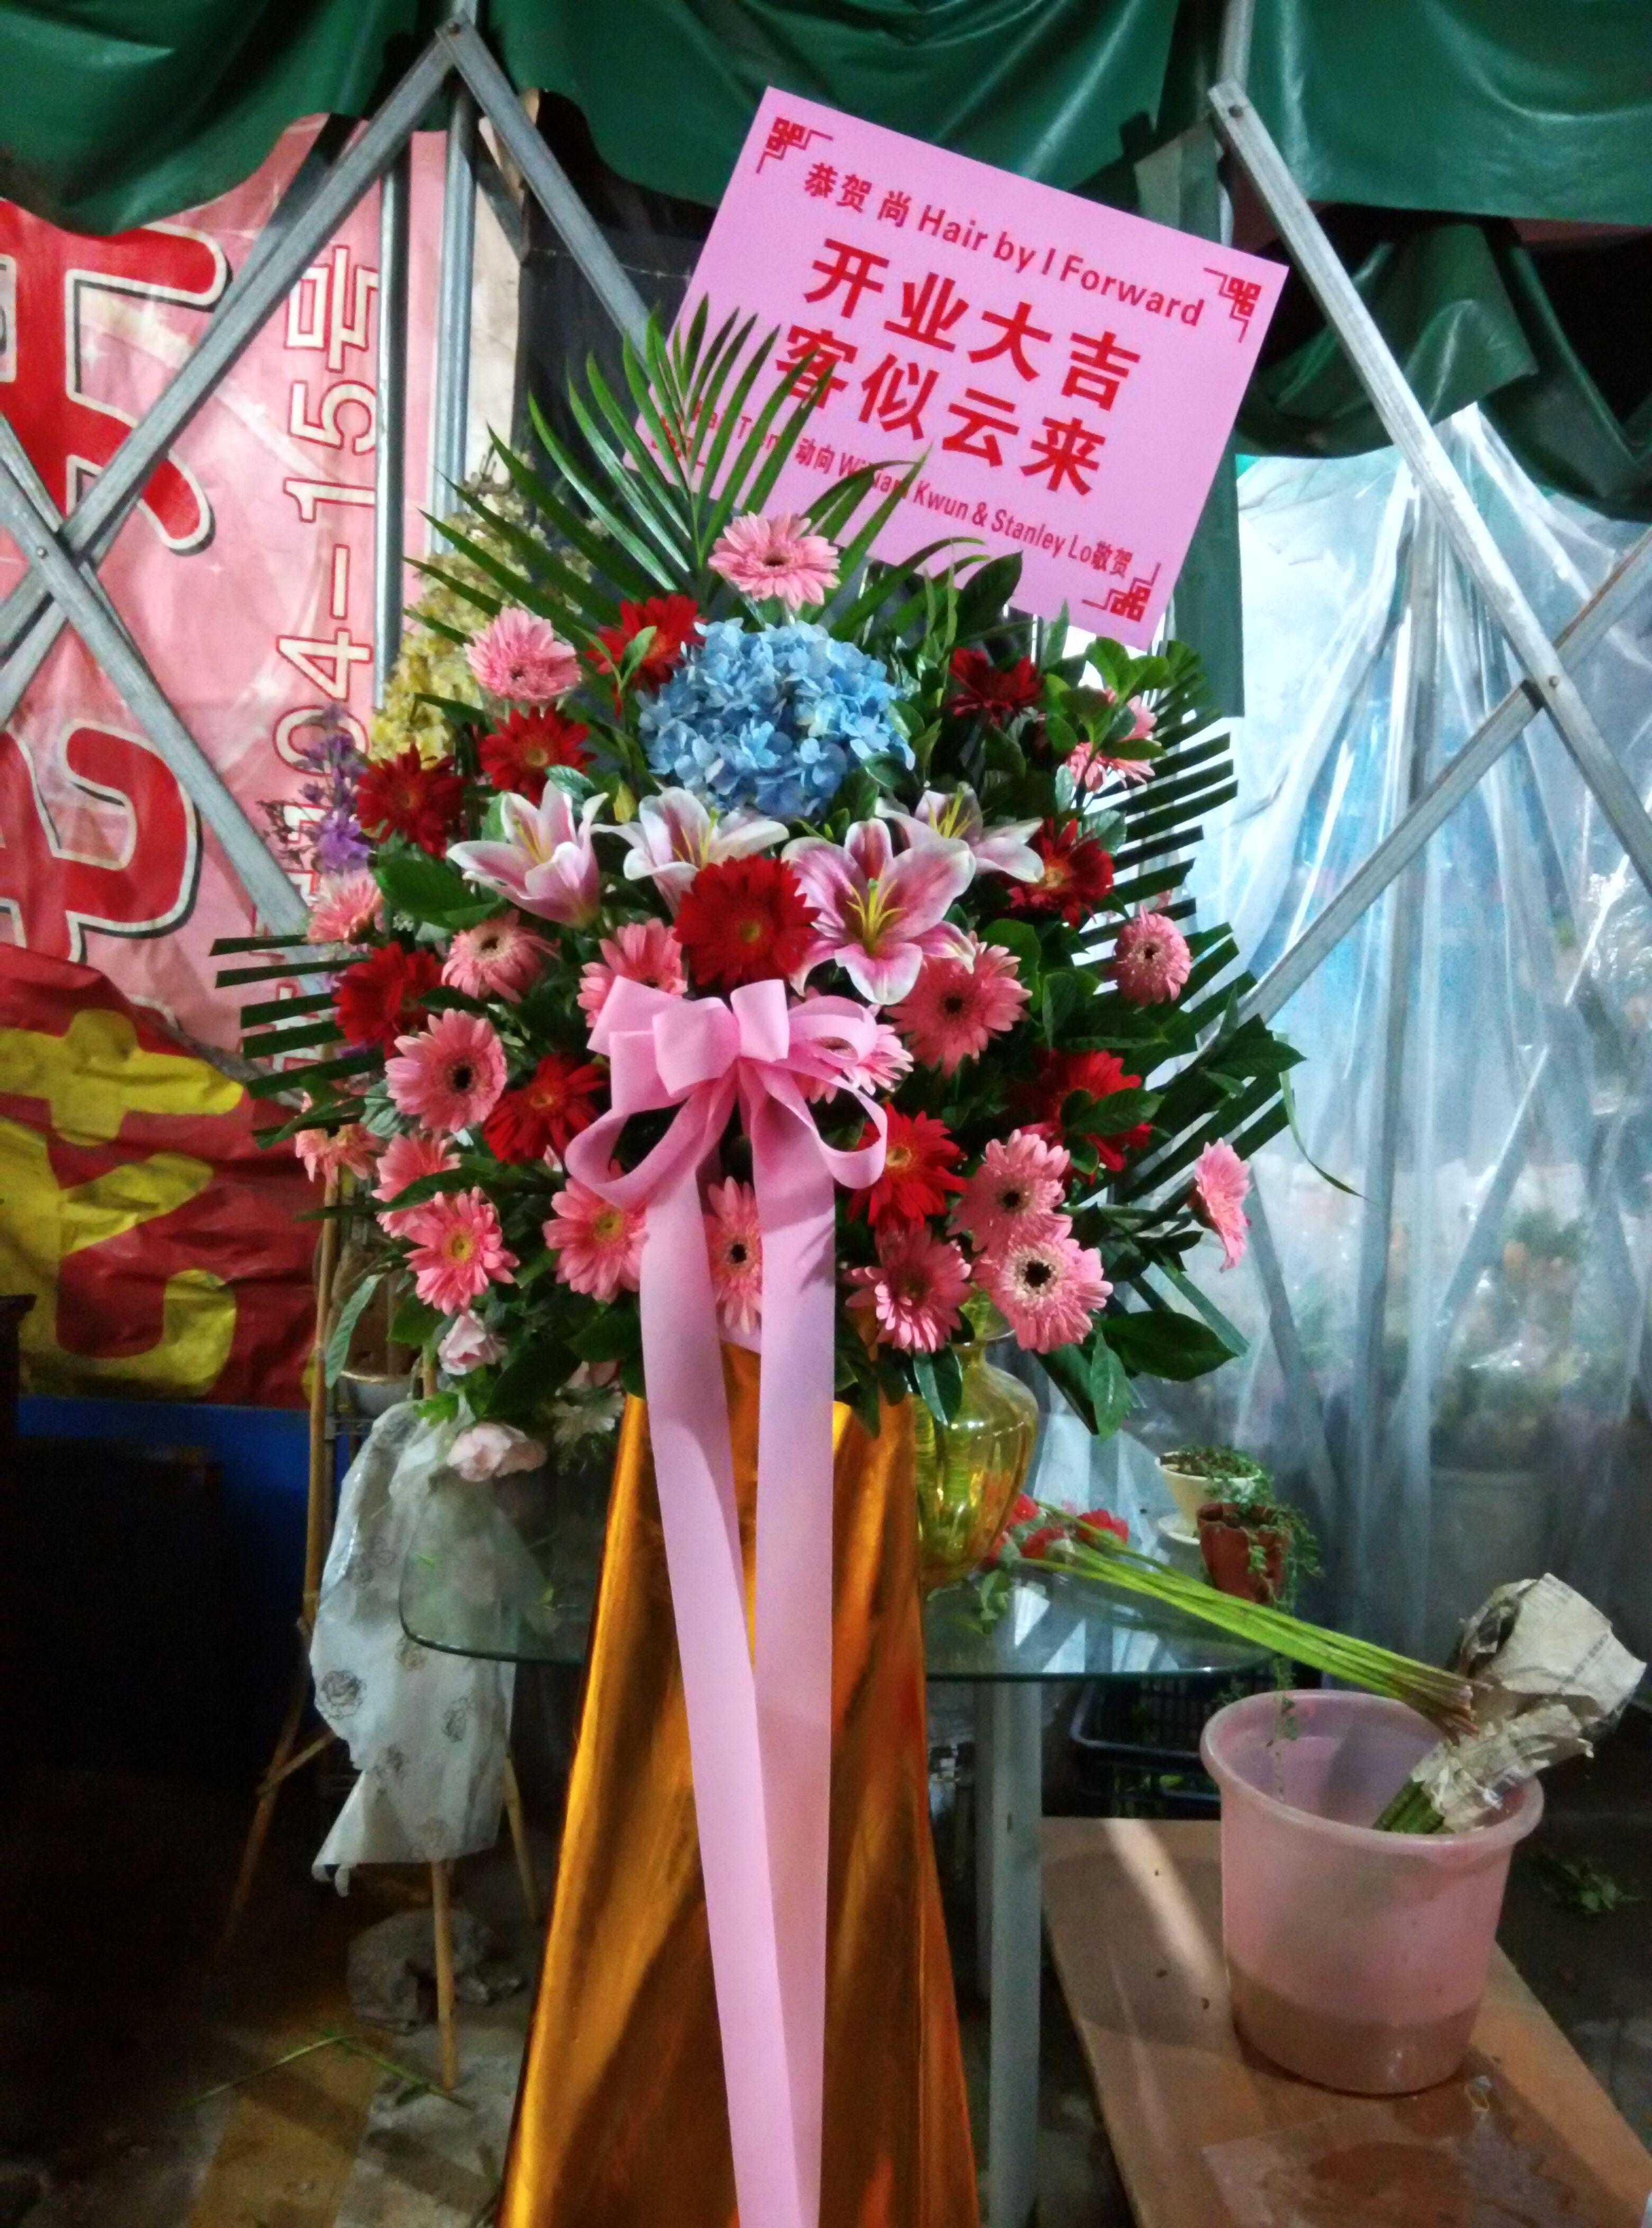 石夏兰腾达,开张花篮,单层港式花篮,花材,太阳花,绣球花,百合花,金布,包装,港式一层花篮鲜花图片展示。